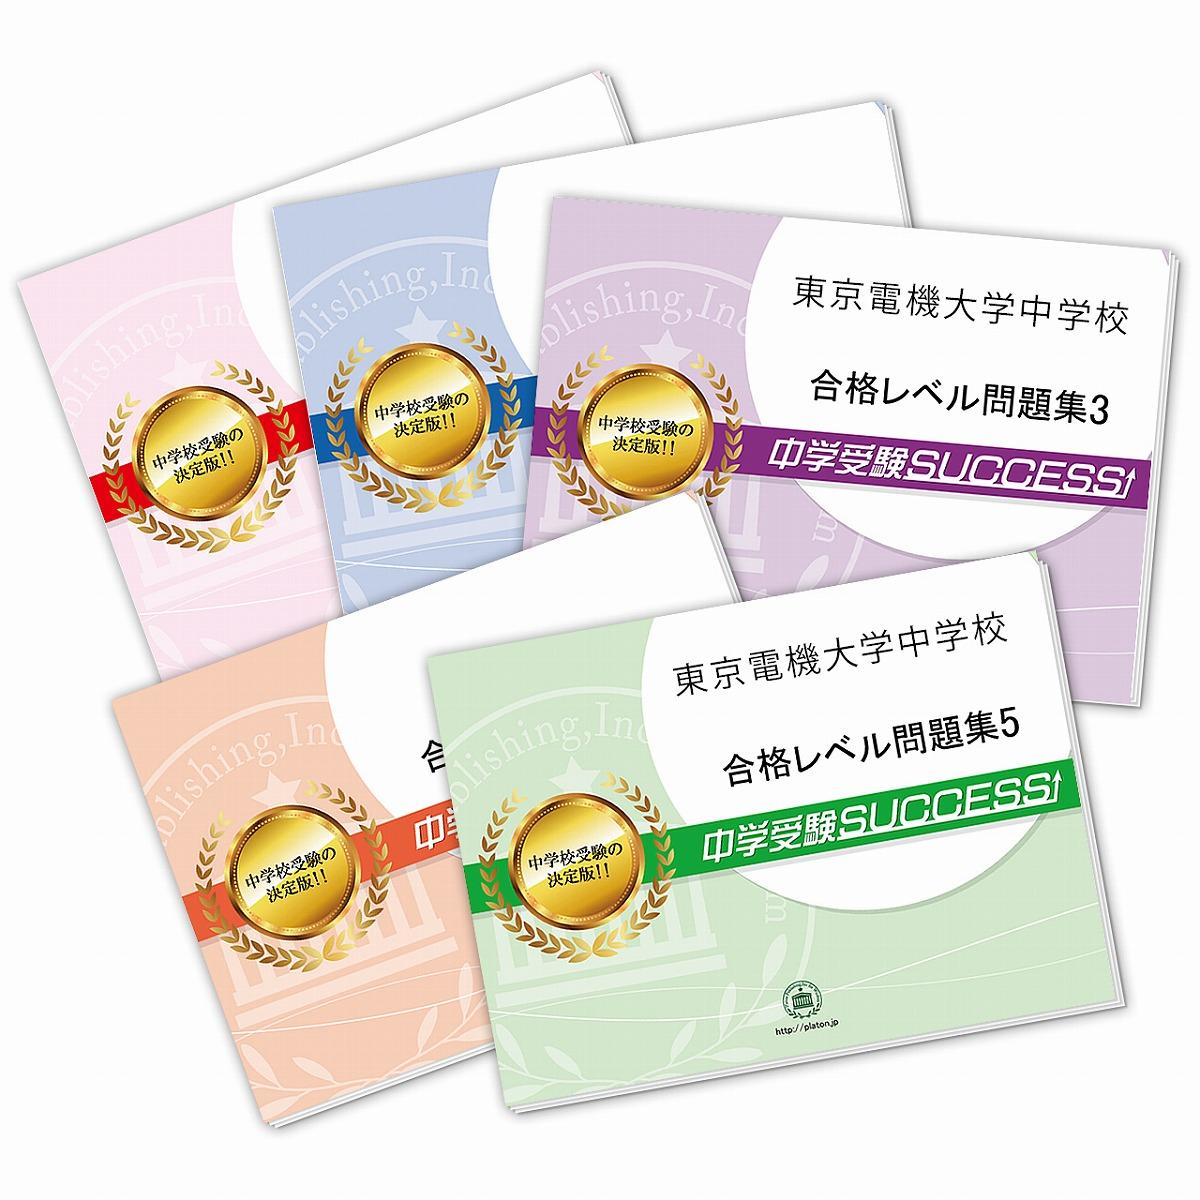 送料 代引手数料無料 送料無料お手入れ要らず 東京電機大学中学校 期間限定 5冊 直前対策合格セット